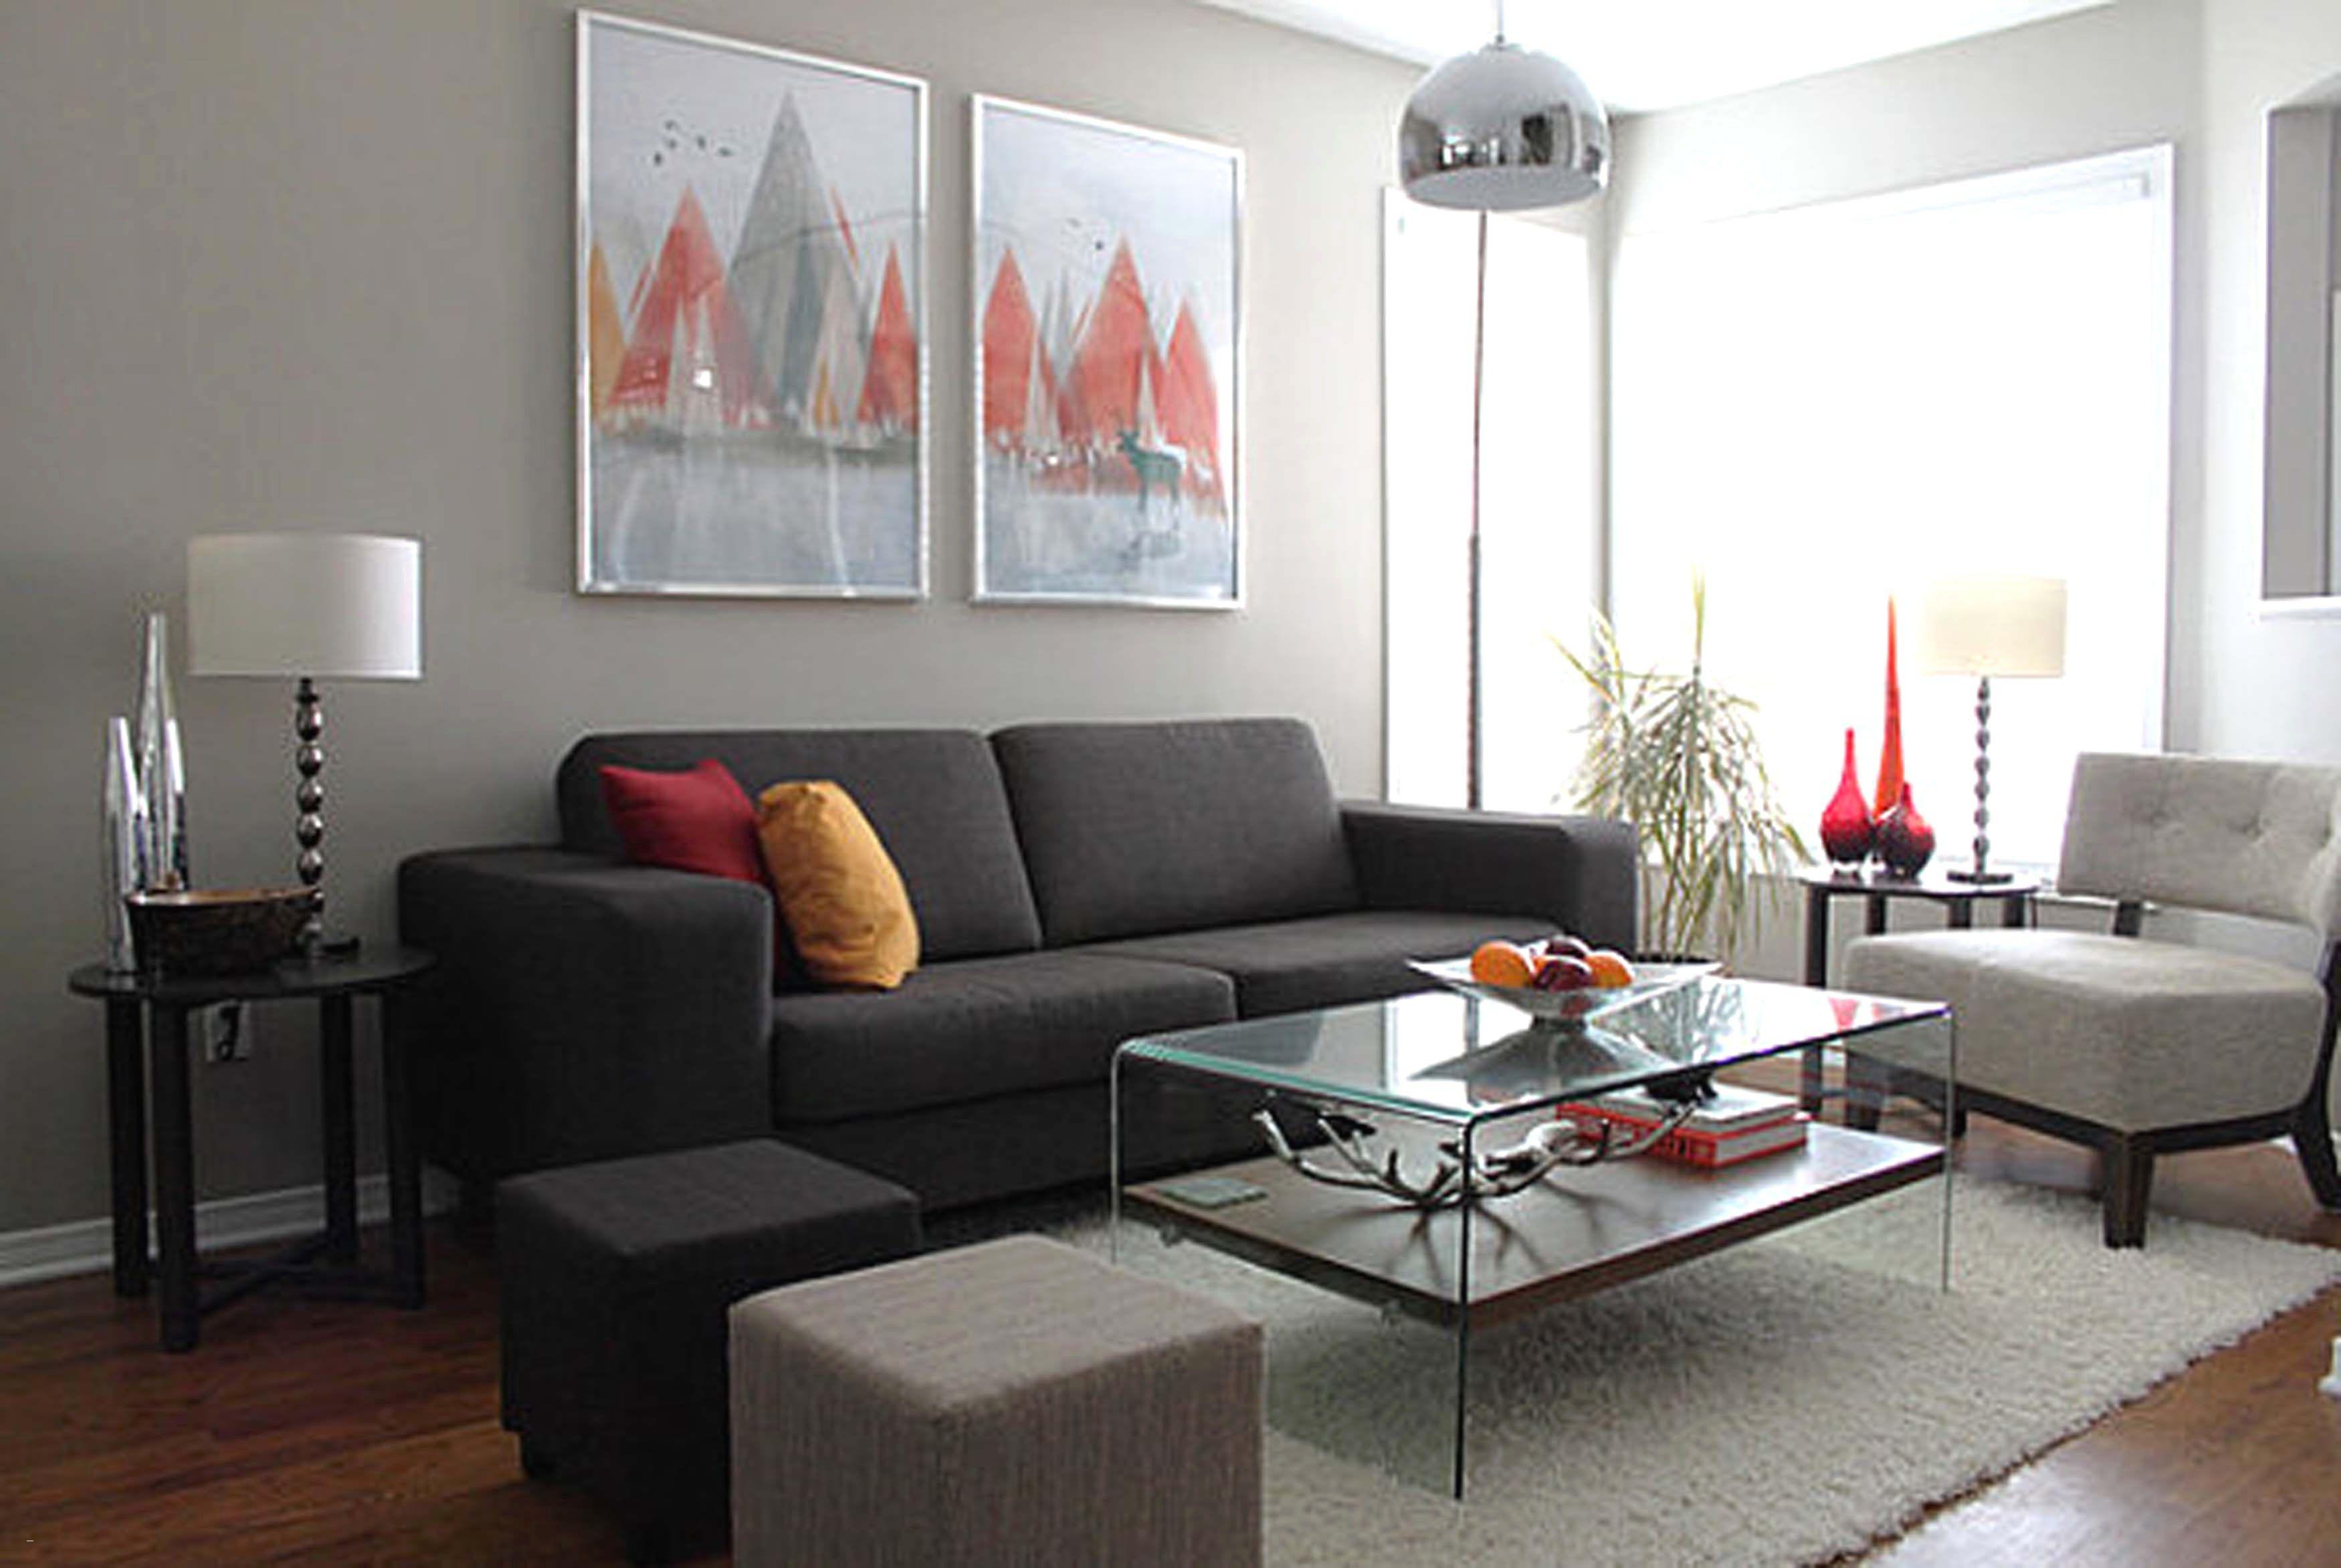 Wohnzimmer Farben Wohnzimmer Farbe Wohnzimmer Graues Sofa Wohnzimmer  Wandgestaltung Streichen